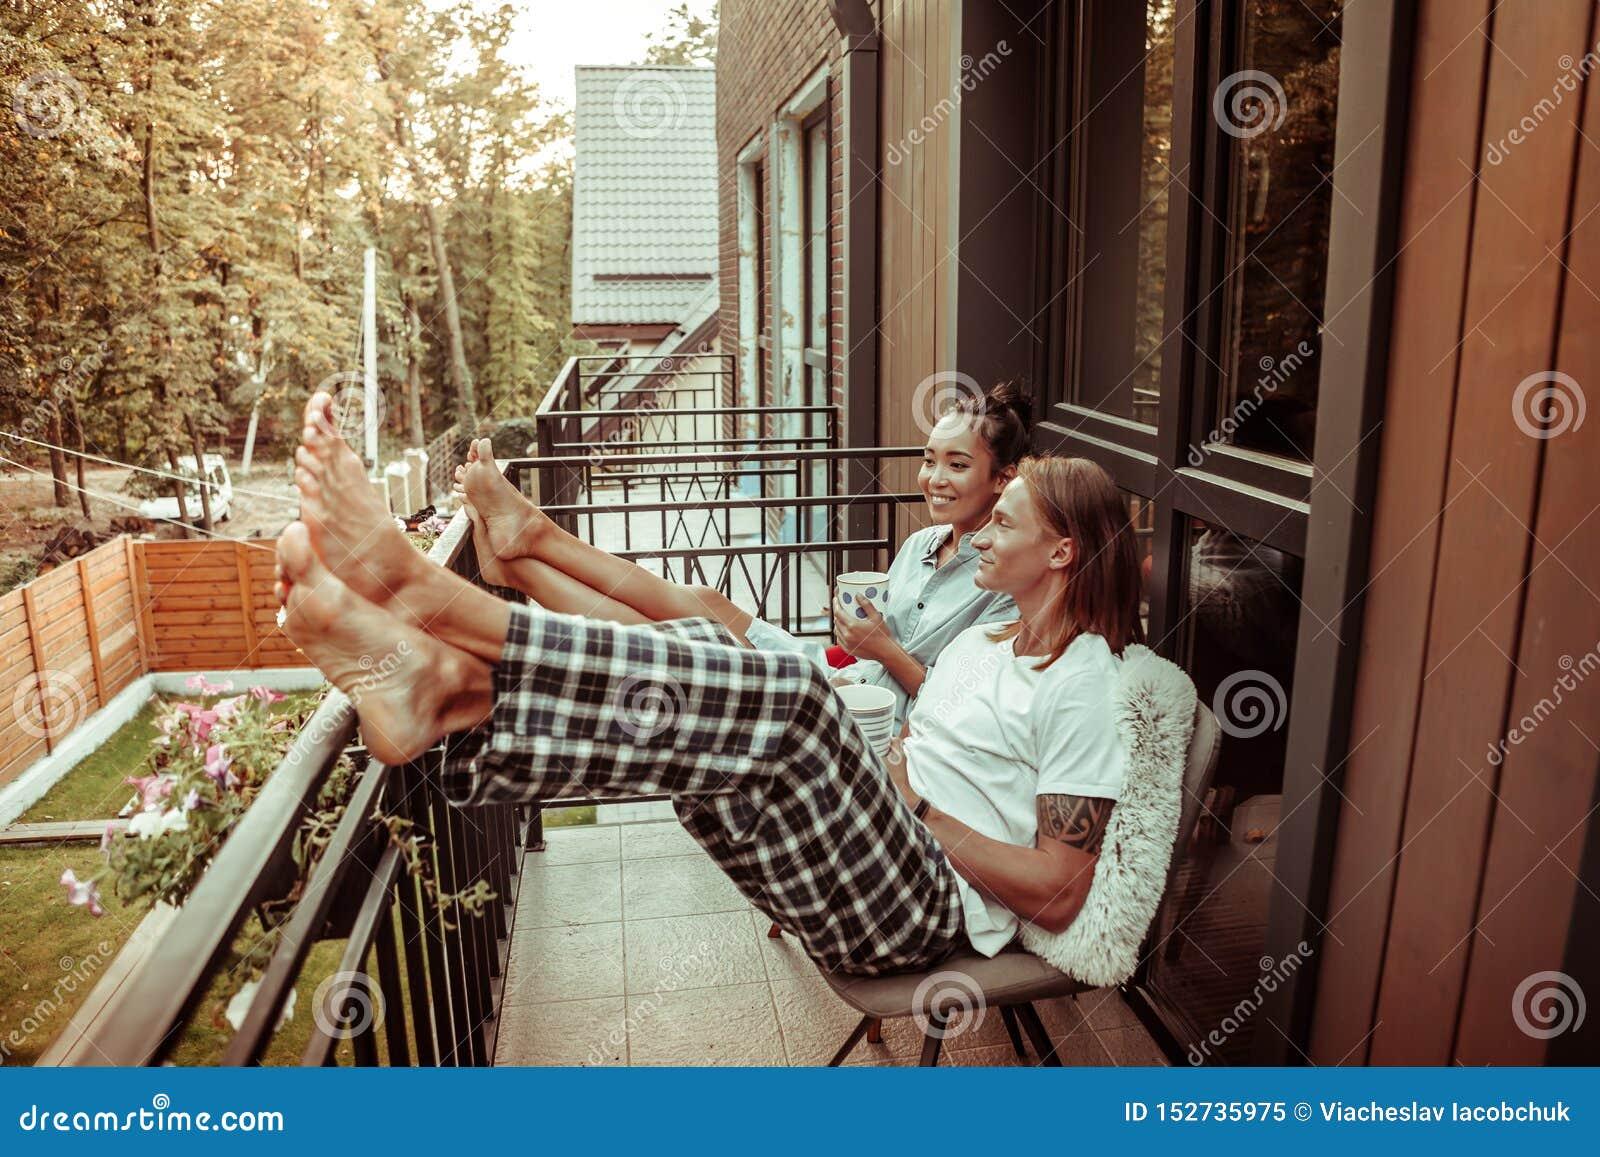 Vrolijk vriendschappelijk paar die op het metaaltraliewerk leunen op een balkon